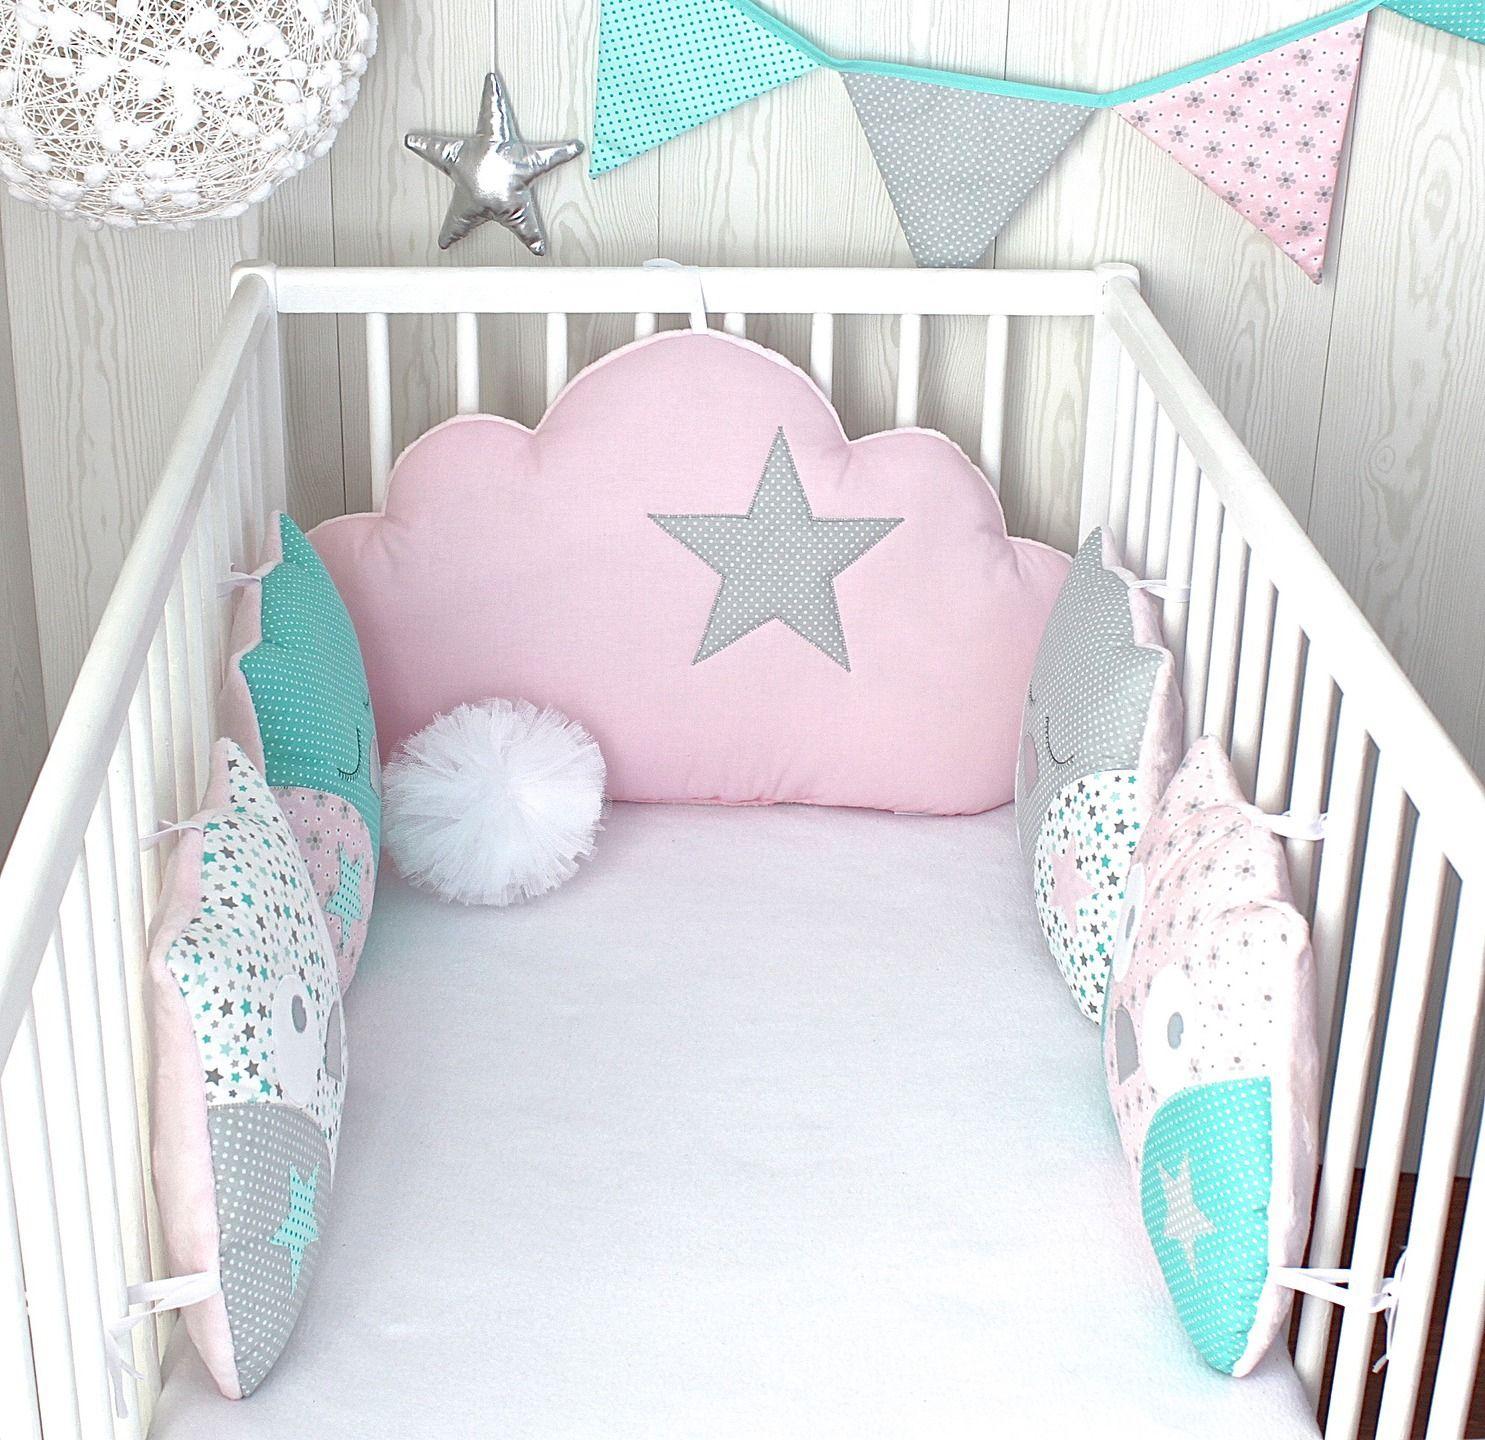 tour de lit 5 coussins hibou et nuage couleur vert d 39 eau rose et gris baby rooms pinterest. Black Bedroom Furniture Sets. Home Design Ideas